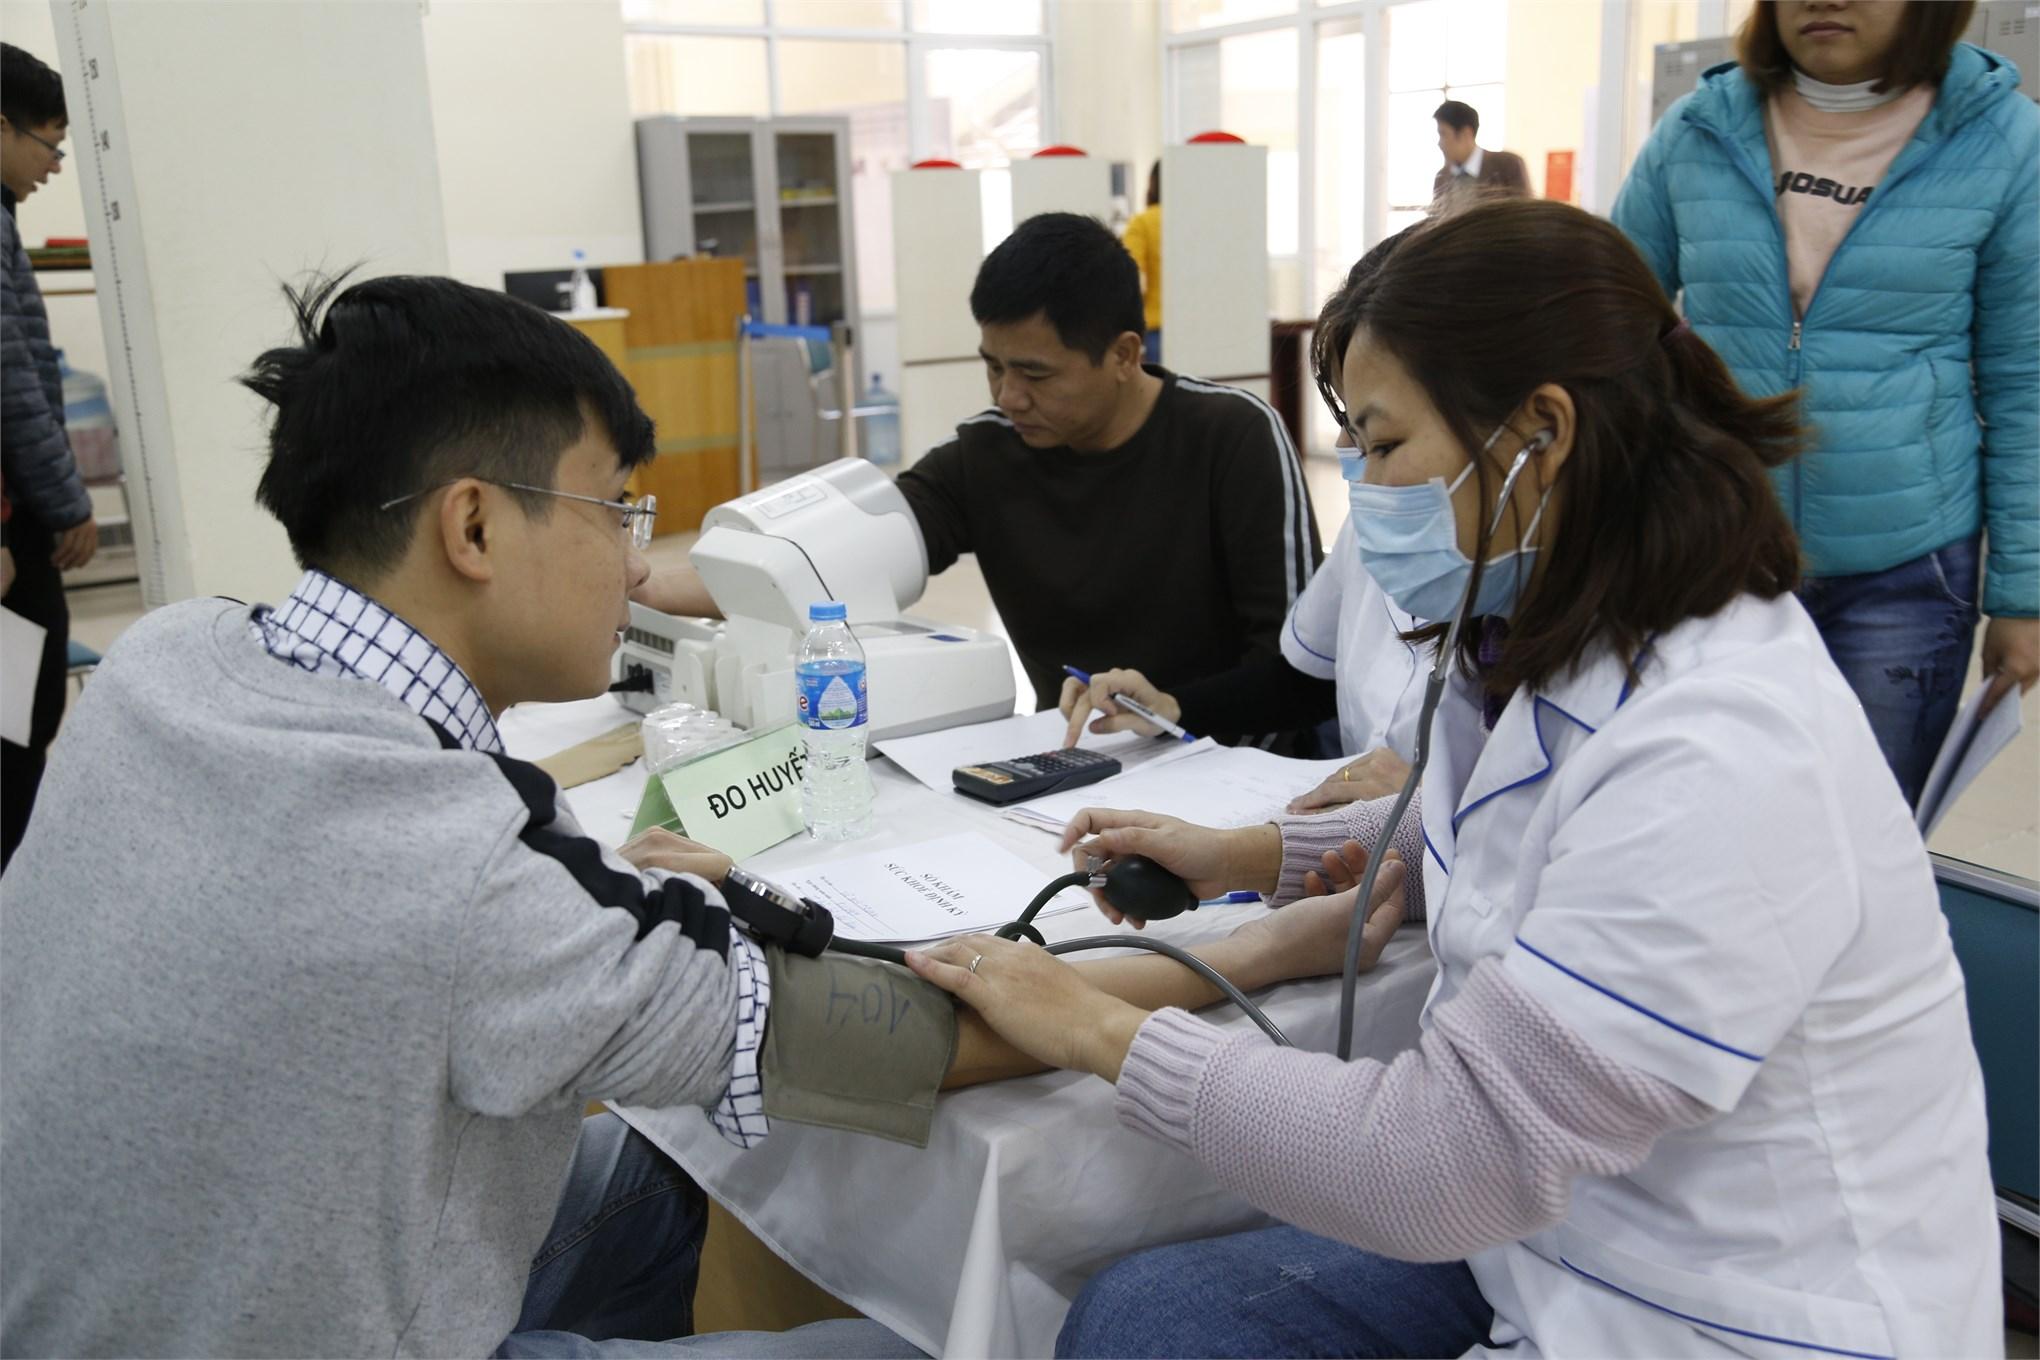 Đại học Công nghiệp Hà Nội tổ chức khám sức khỏe định kỳ năm 2020